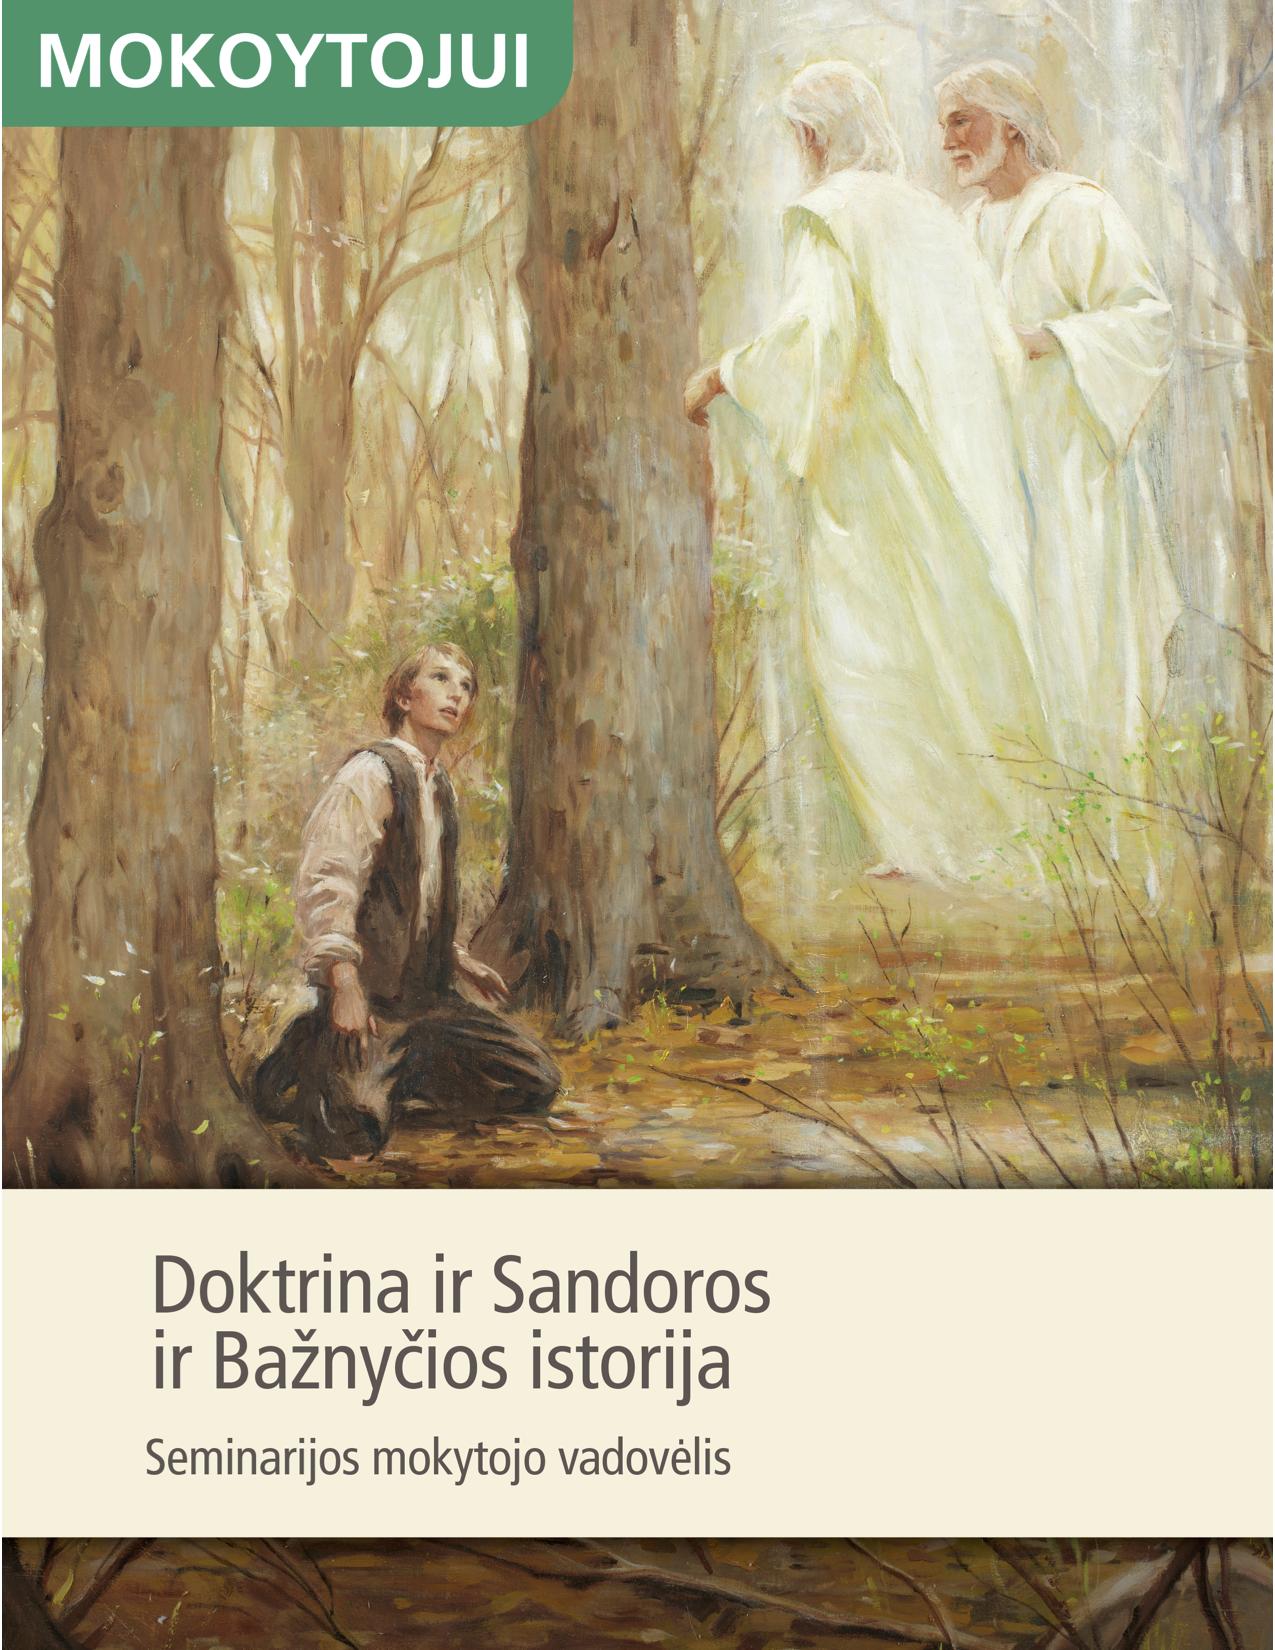 Doktrina ir Sandoros ir Bažnyčios istorija. Seminarijos mokytojo vadovėlis